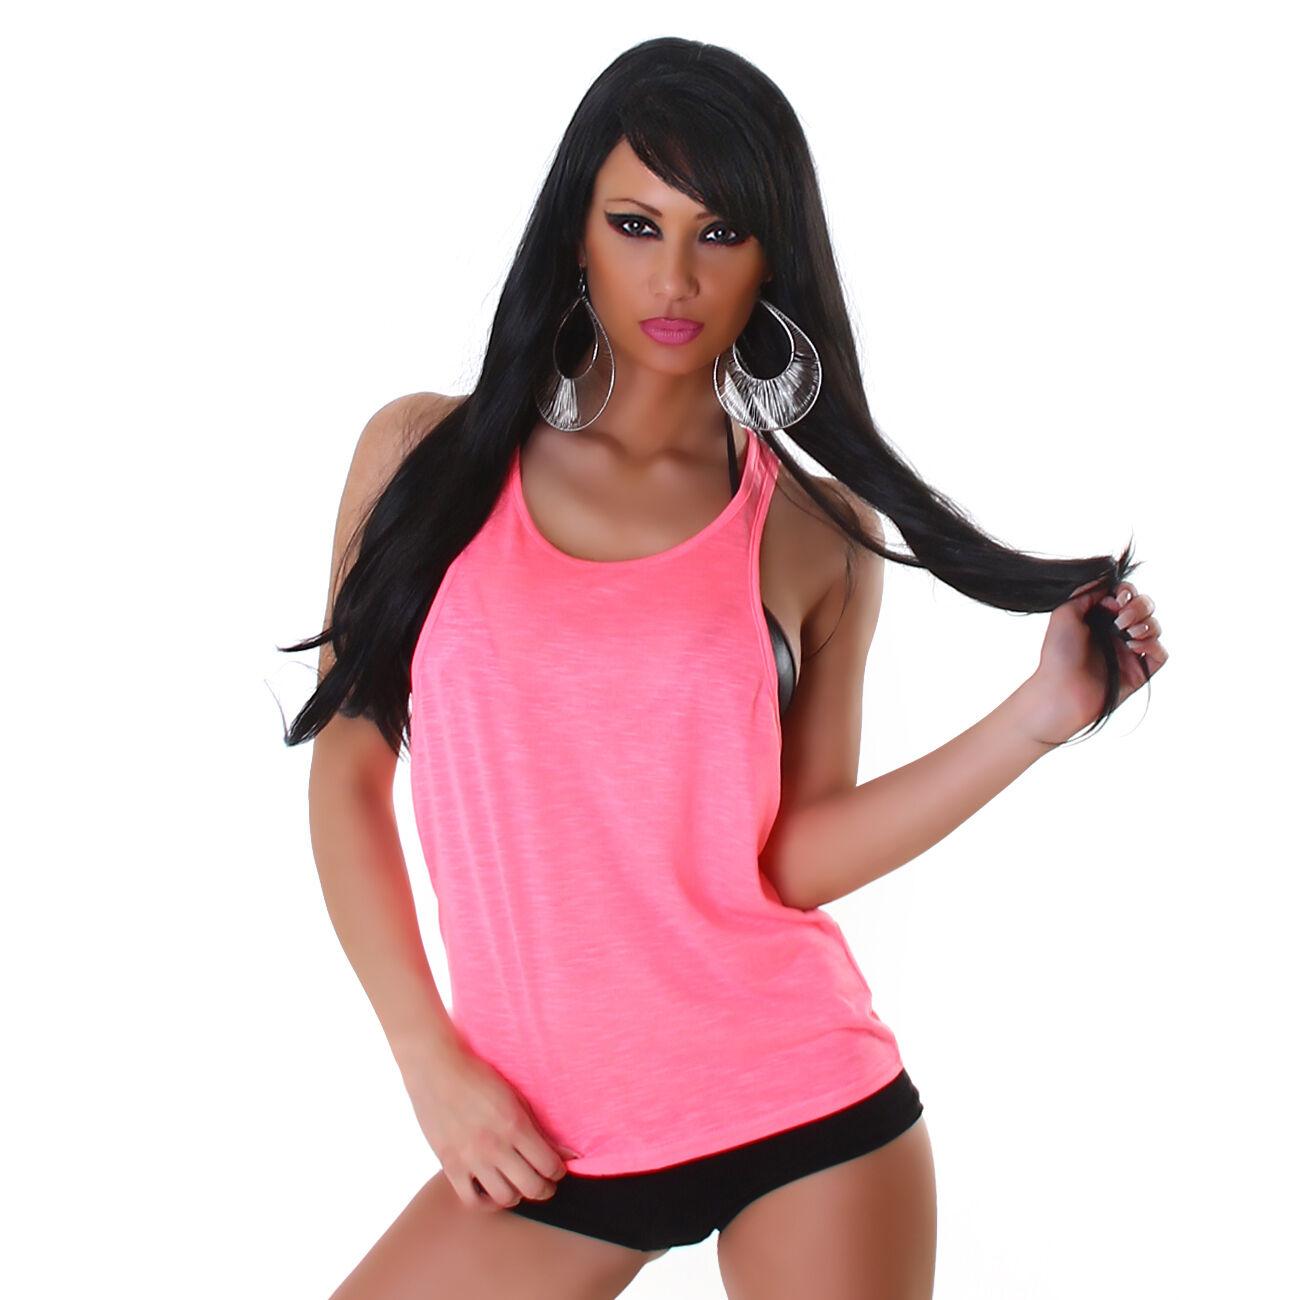 Damen Top Shirt Partytop T-Shirt Trägertop Strandtop Sporttop Hemd